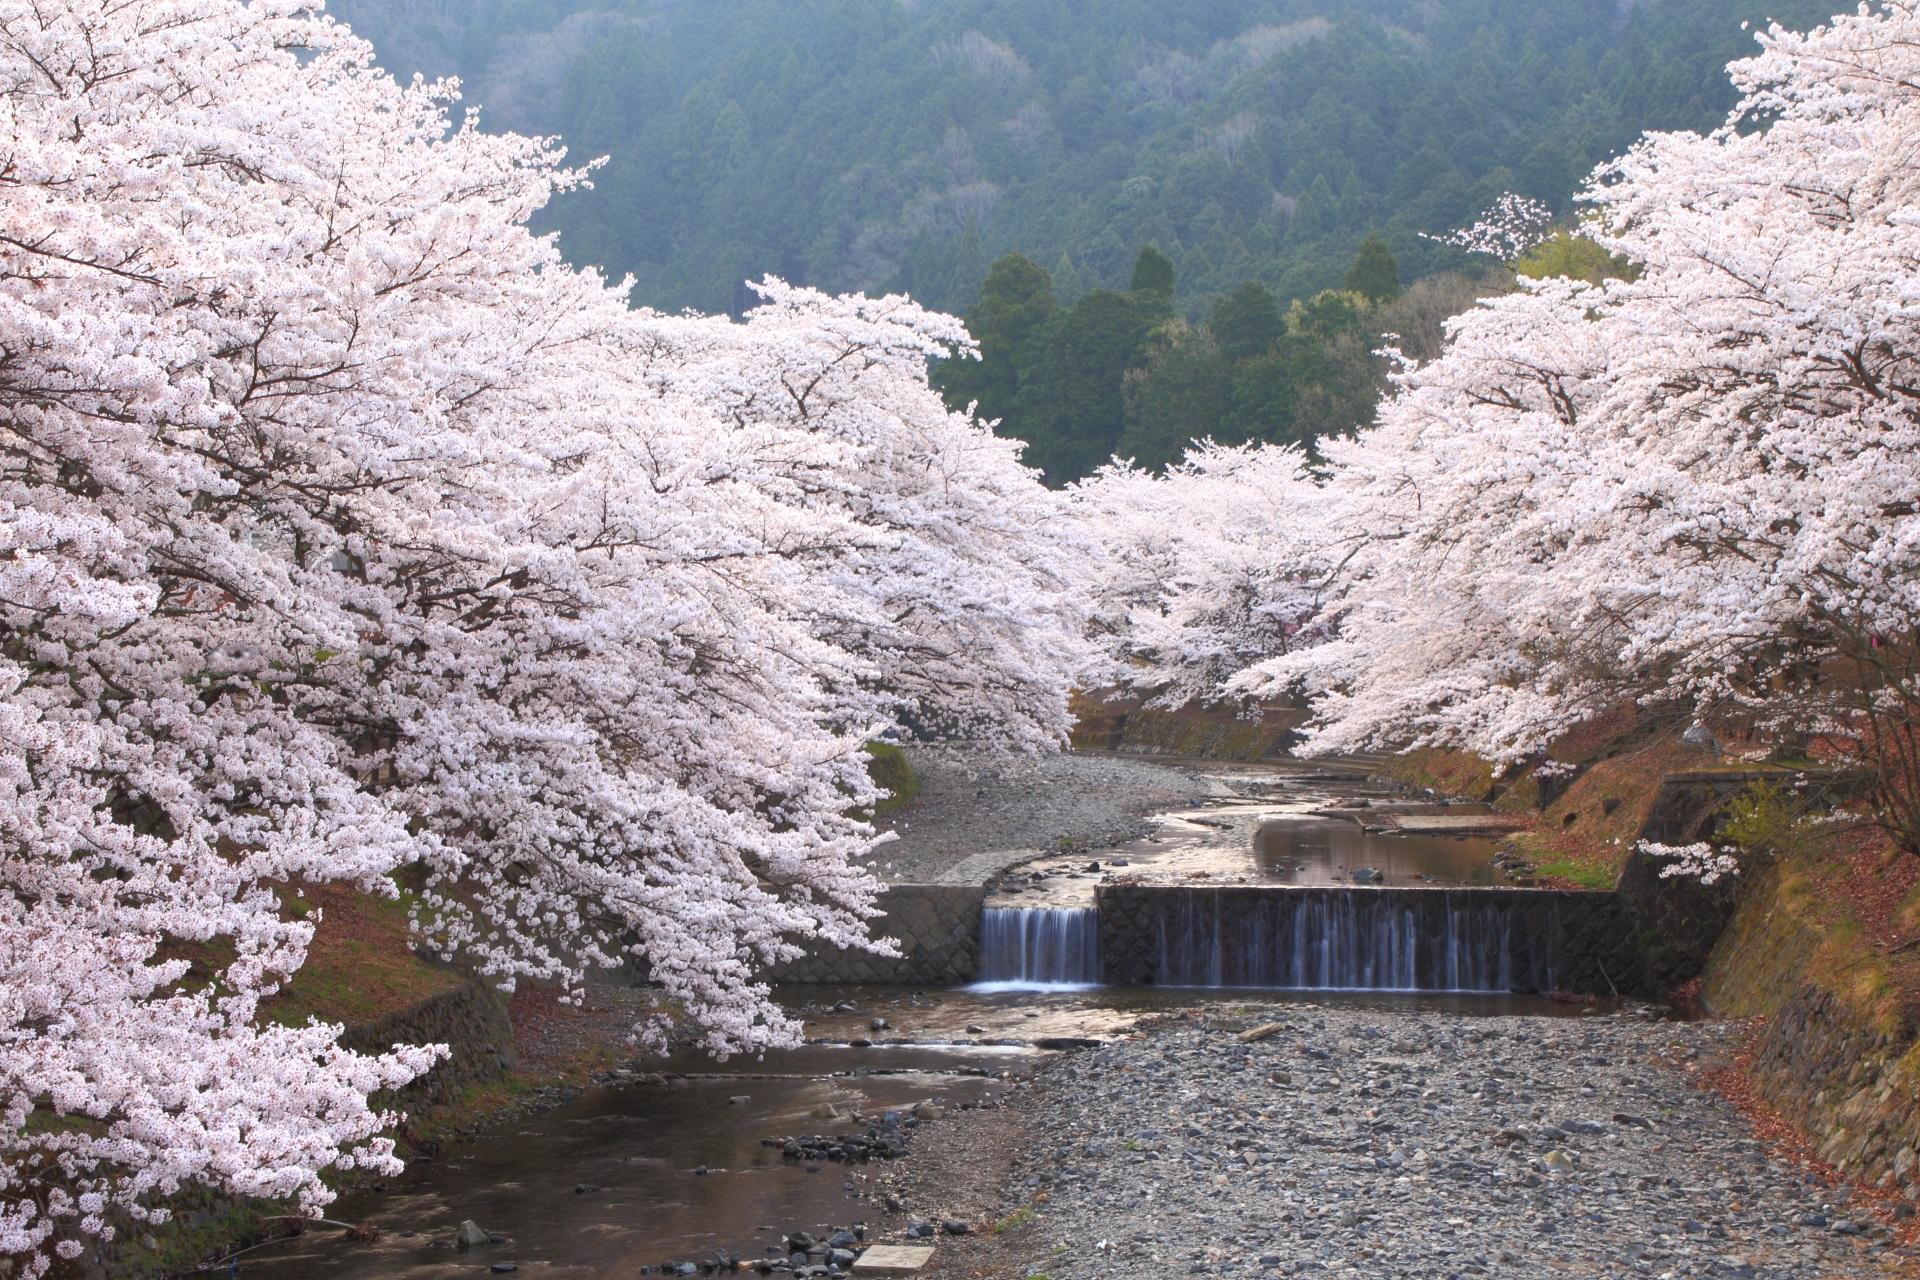 亀岡の森の中の絵になる春の風景